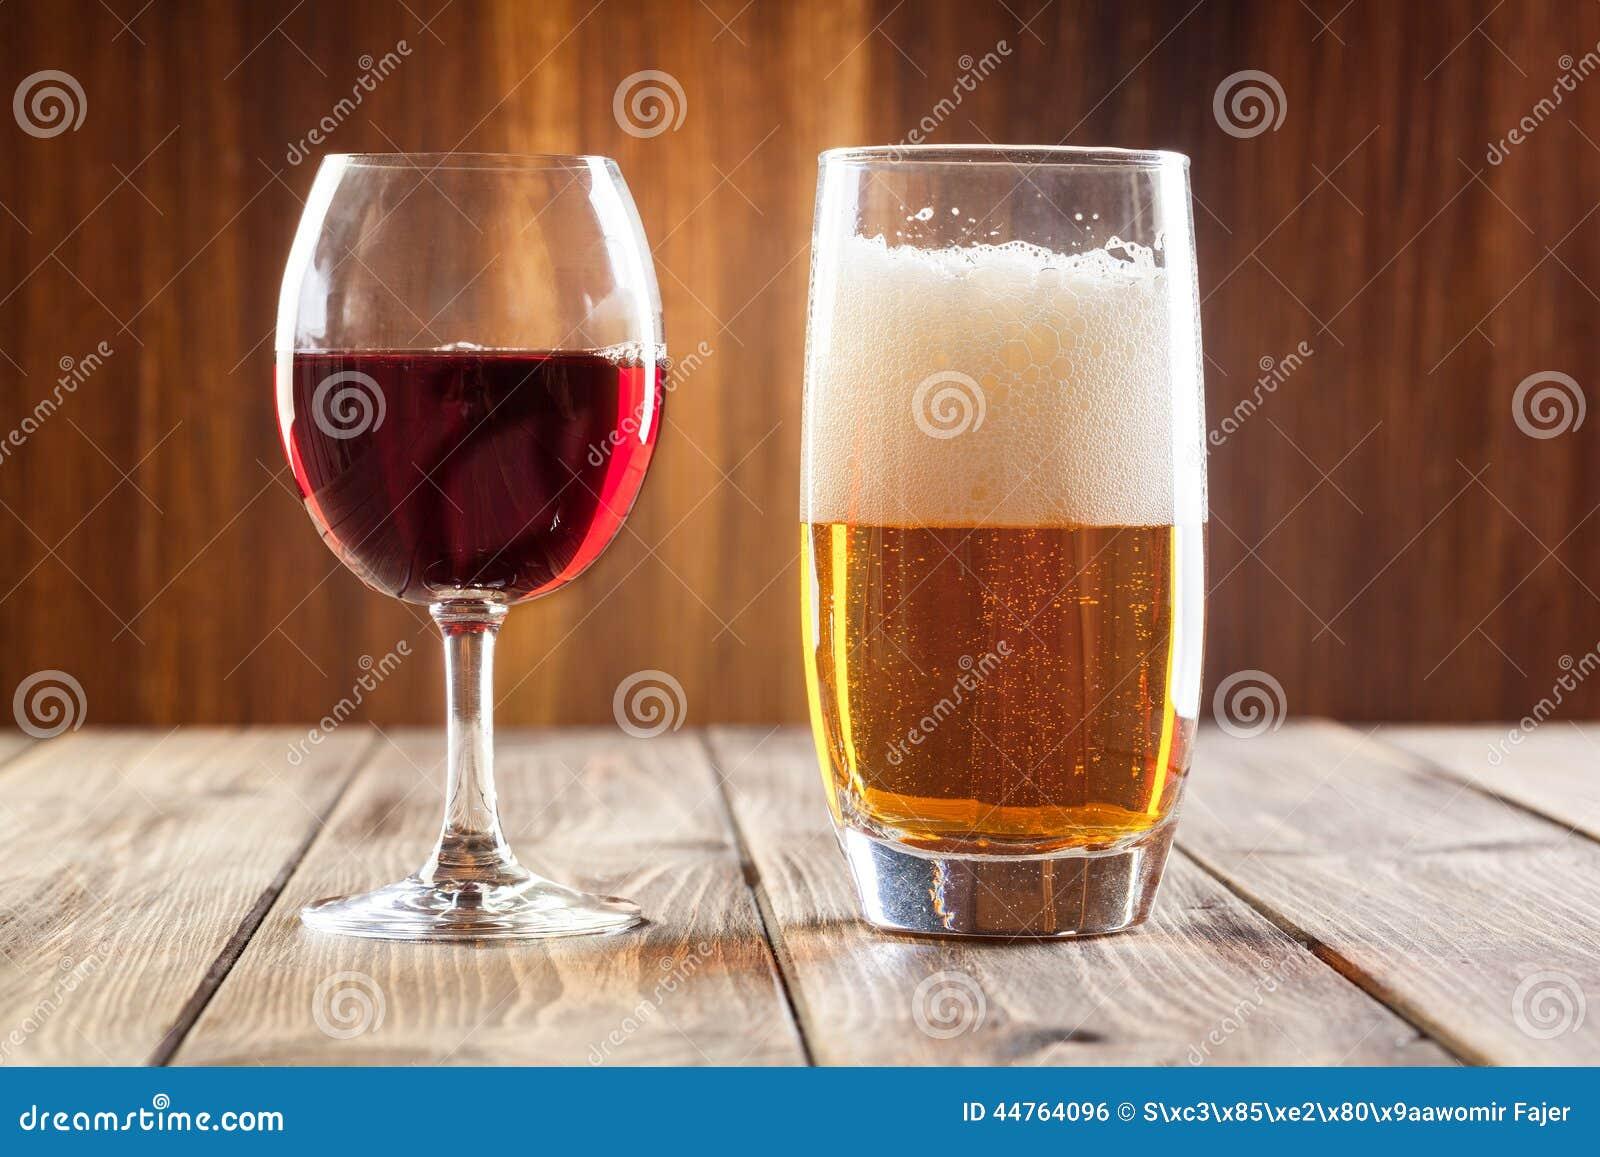 Weinglas und Glas helles Bier